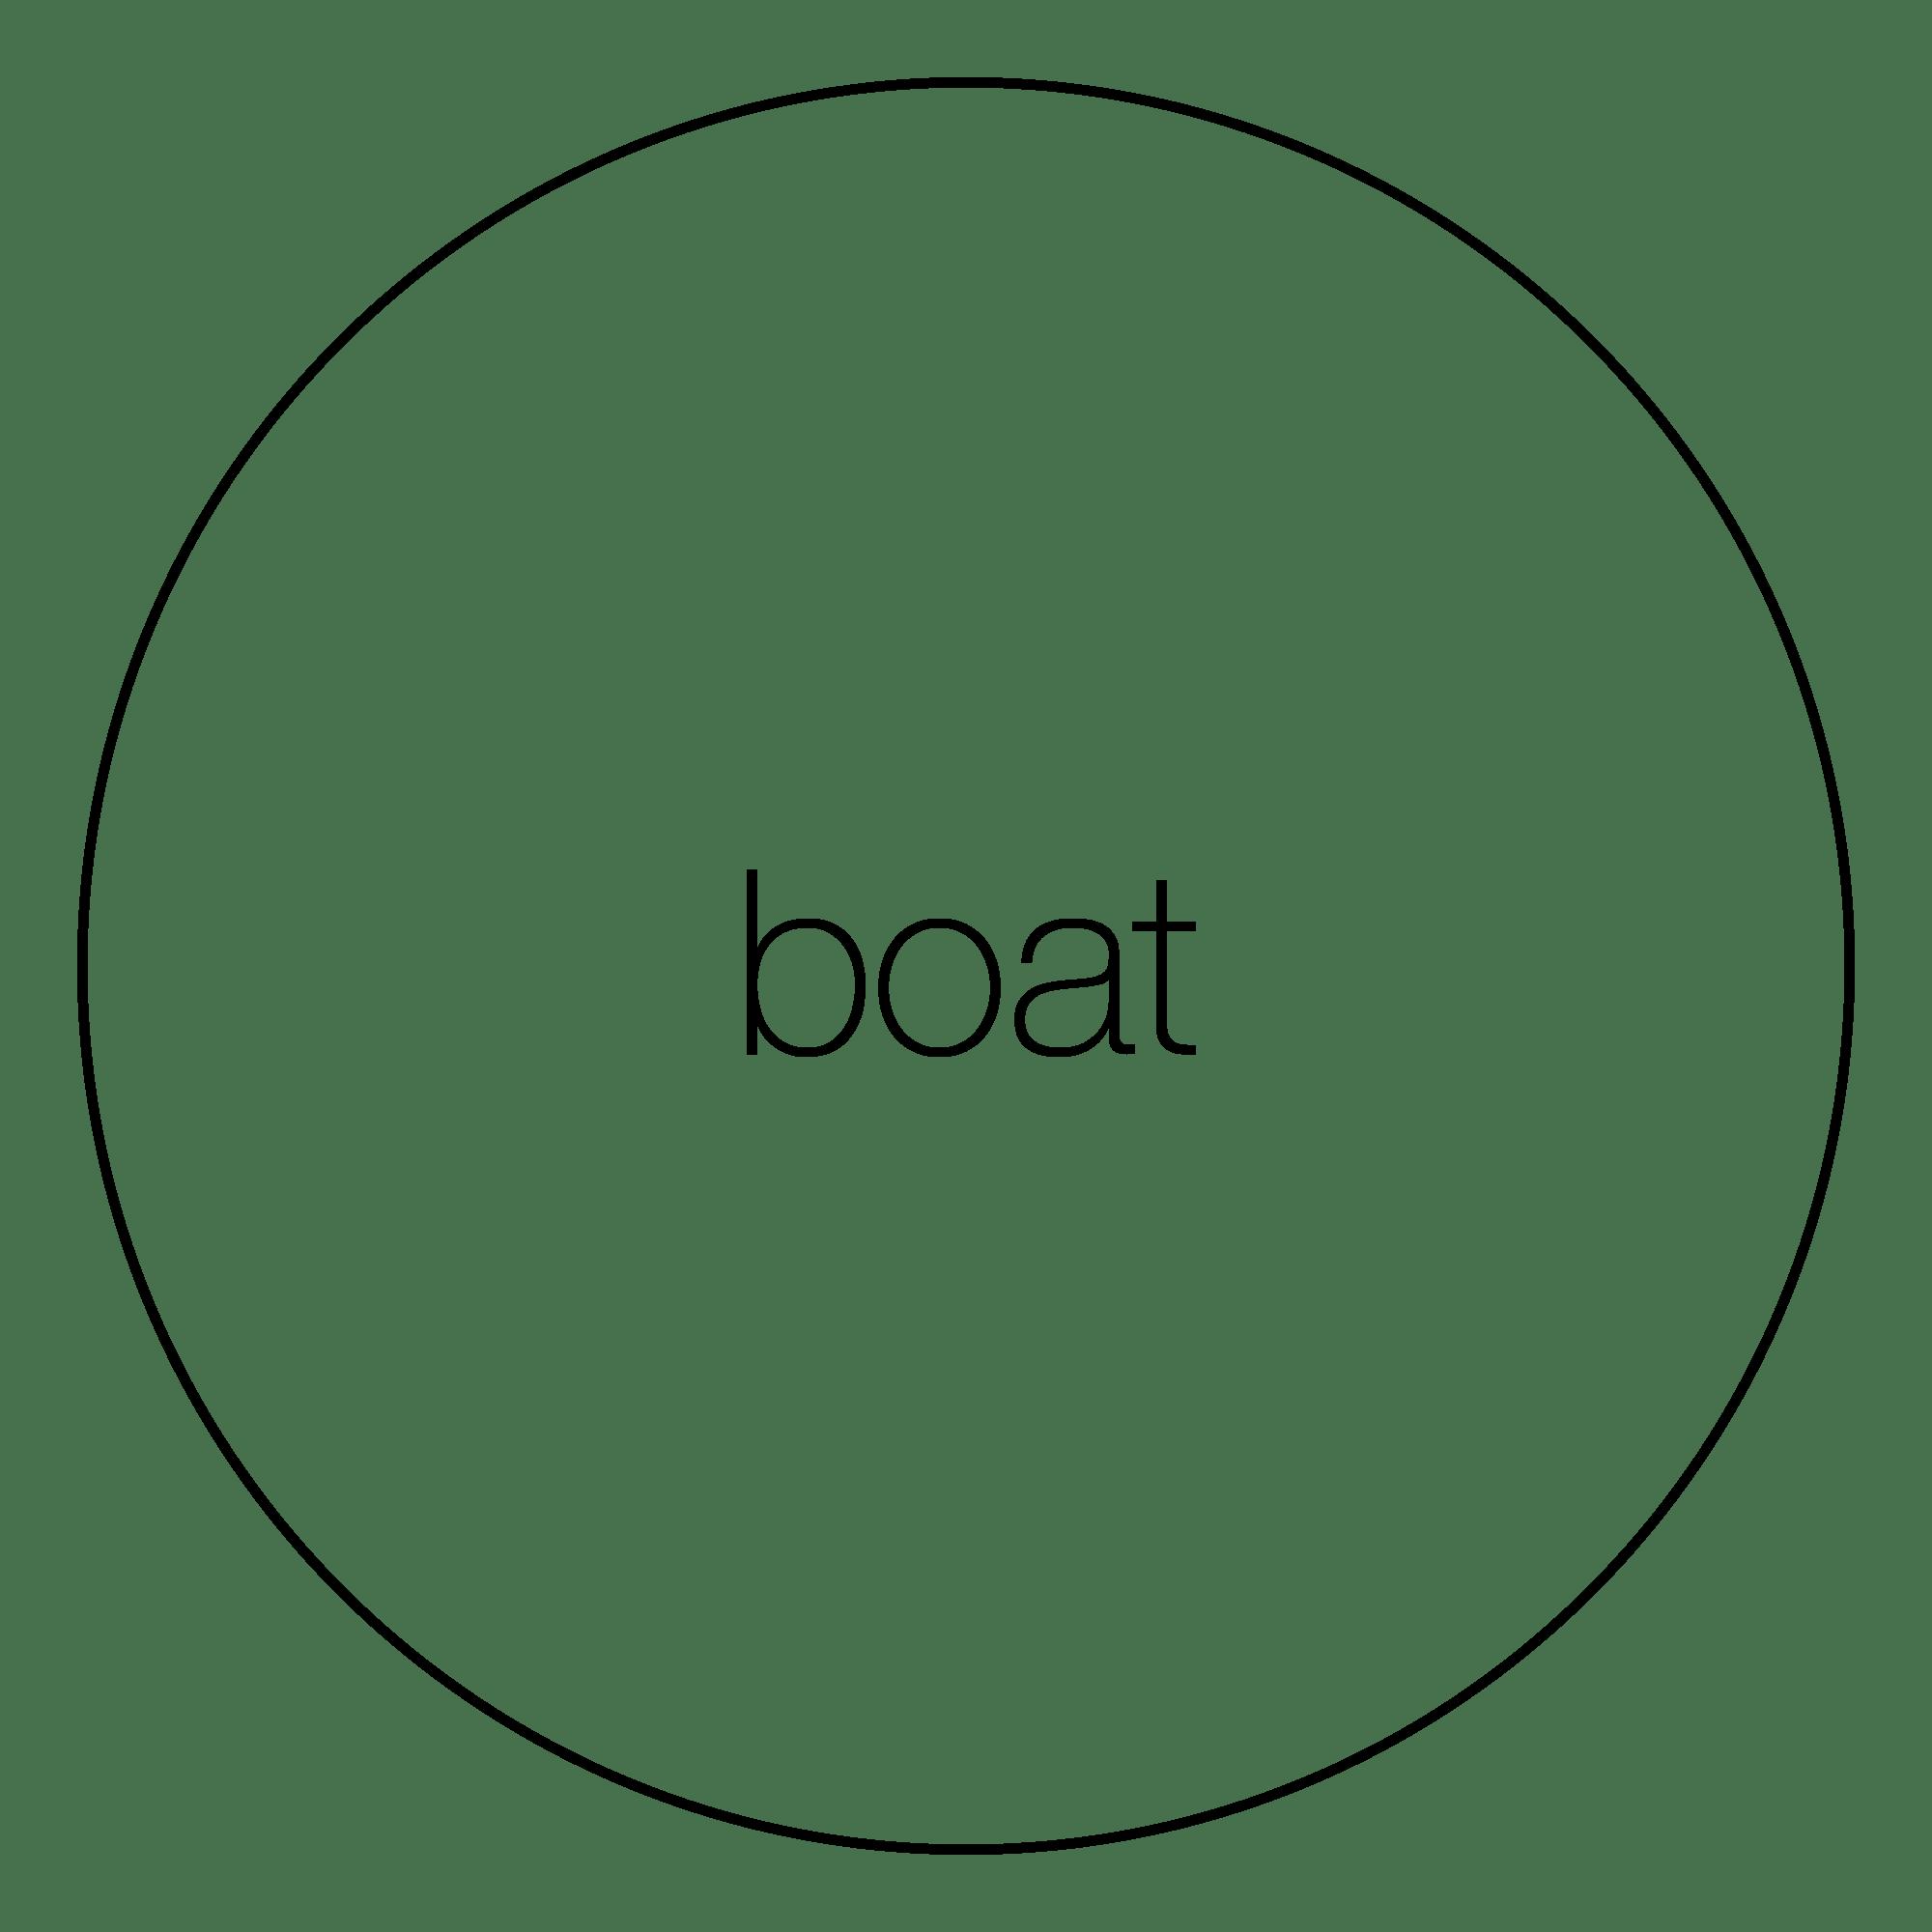 attribute-motif-boat